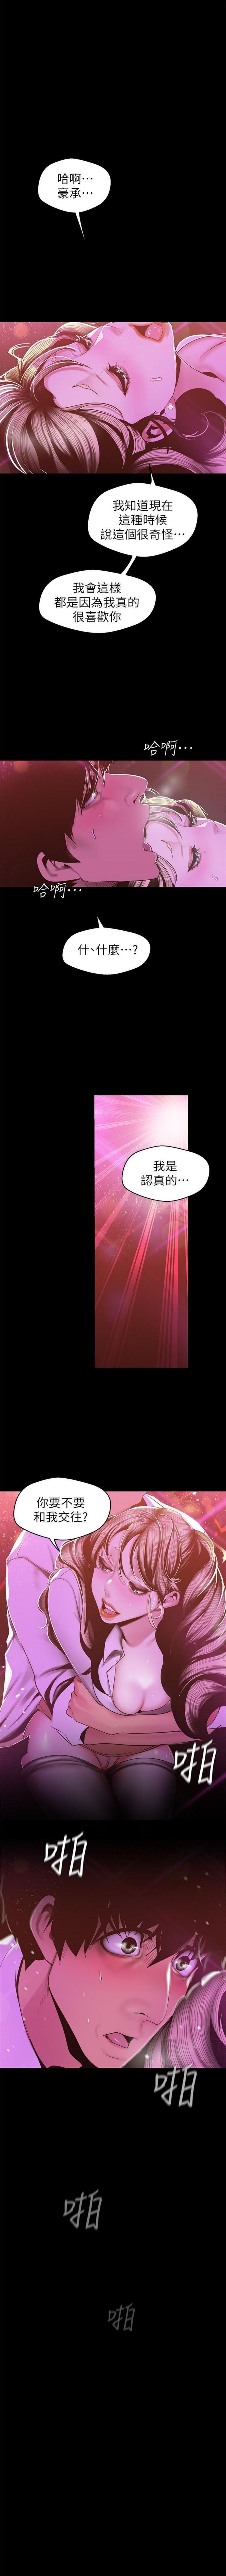 美麗新世界 1-85 官方中文(連載中) 654